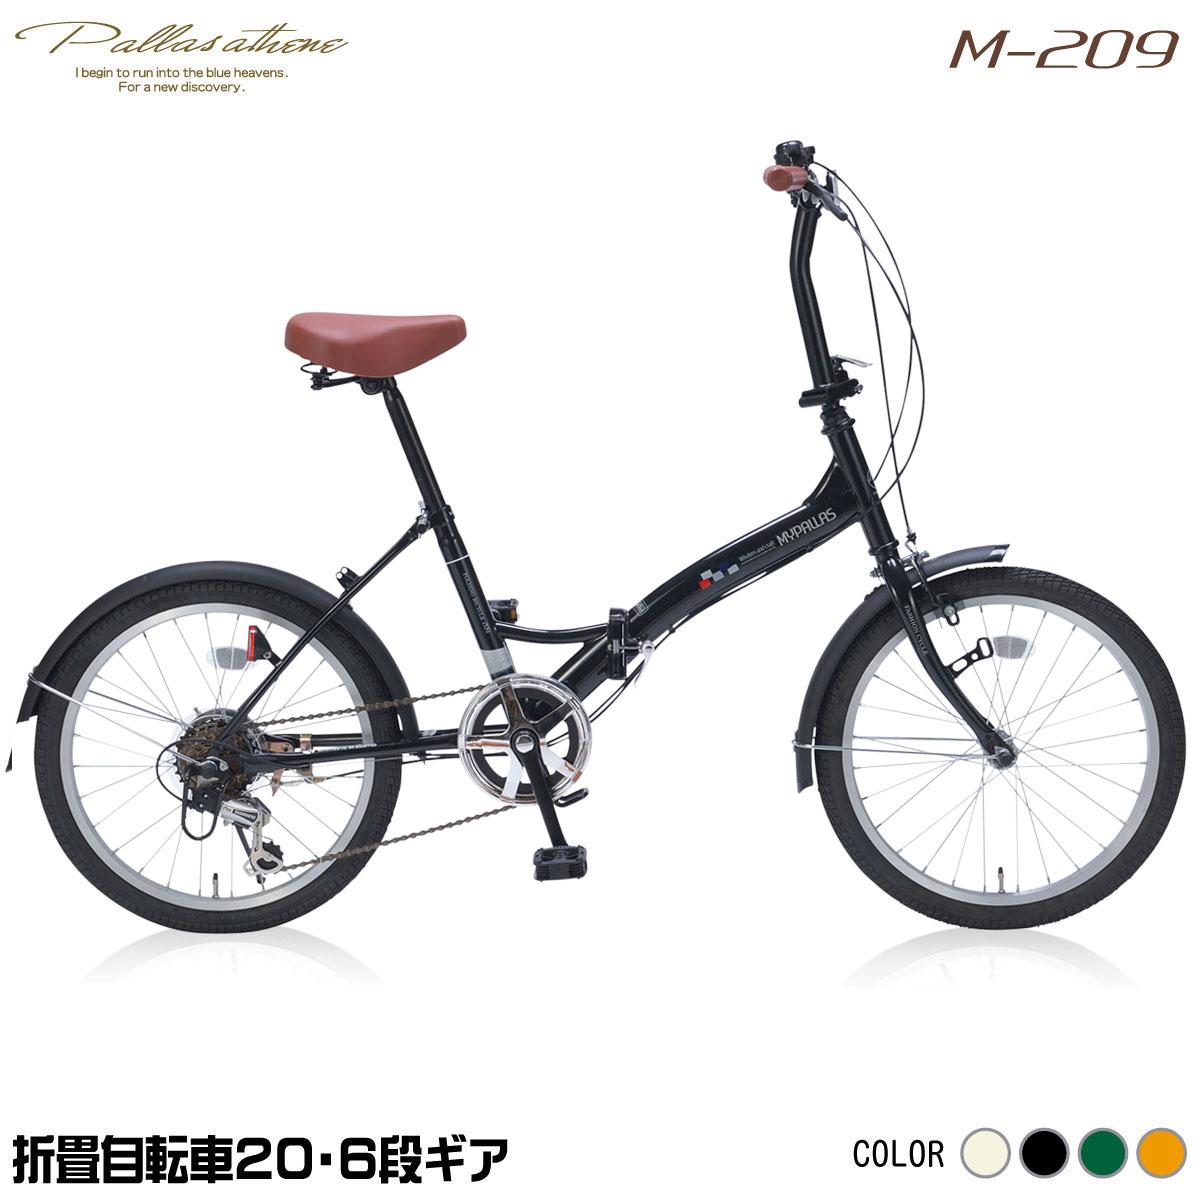 【送料無料】マイパラス M-209-BK ブラックパール [折りたたみ自転車]【同梱配送不可】【代引き不可】【本州以外の配送不可】